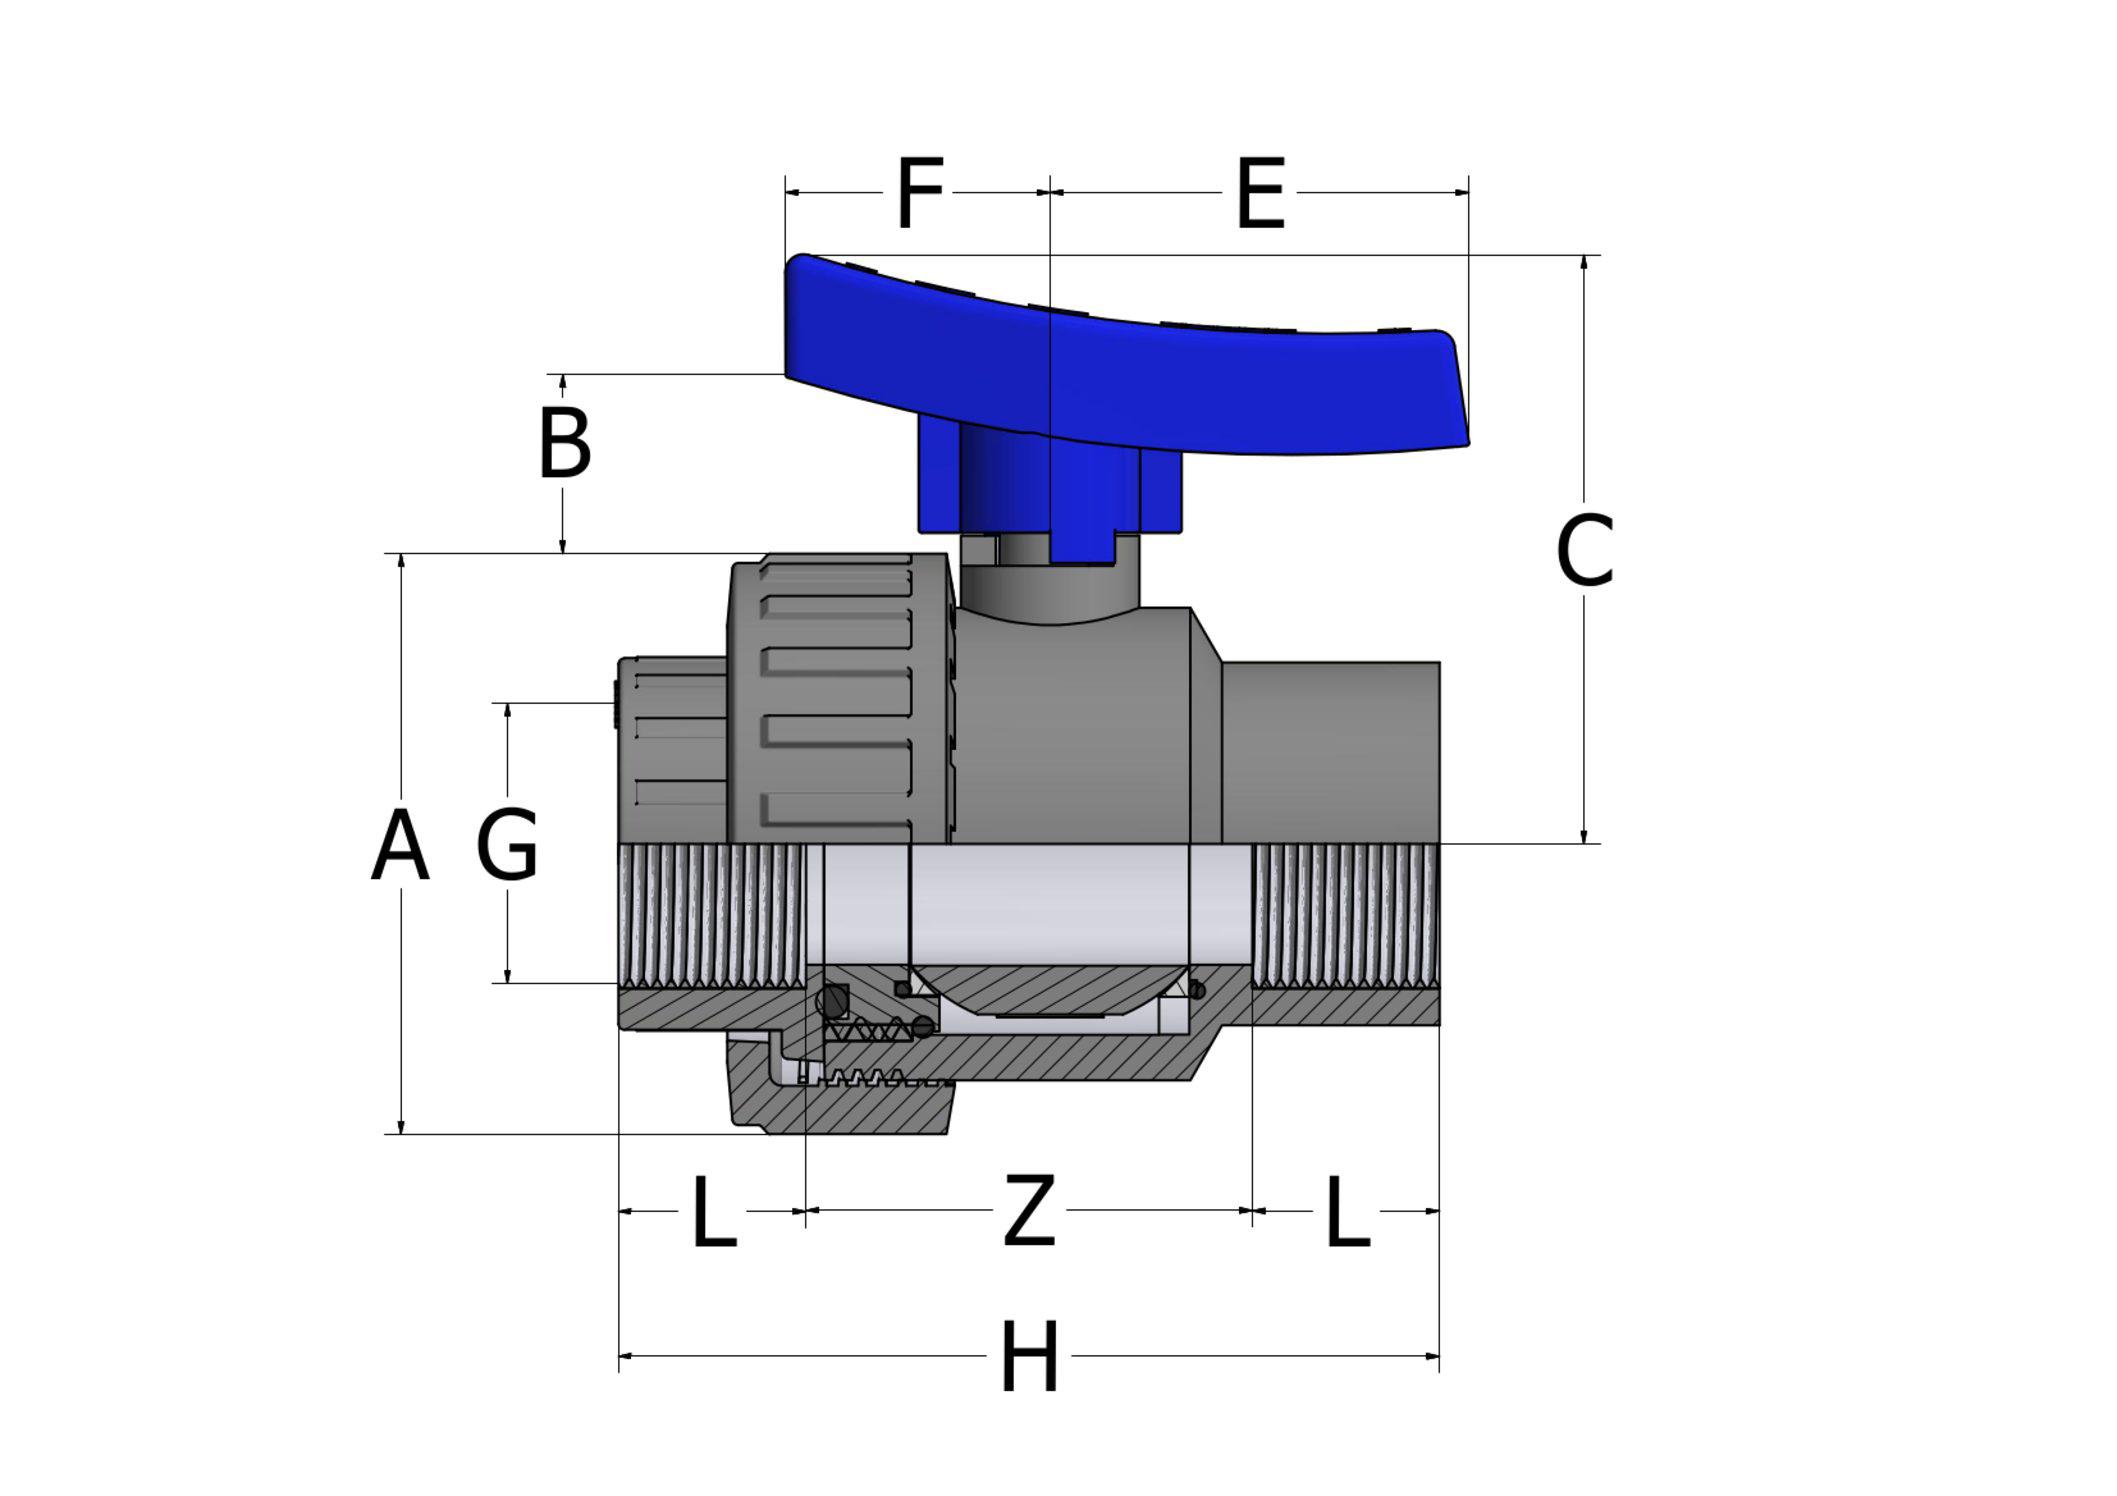 BVS41 - Valvola a sfera monoghiera con supporto registrabile e attacchi femmina filettati